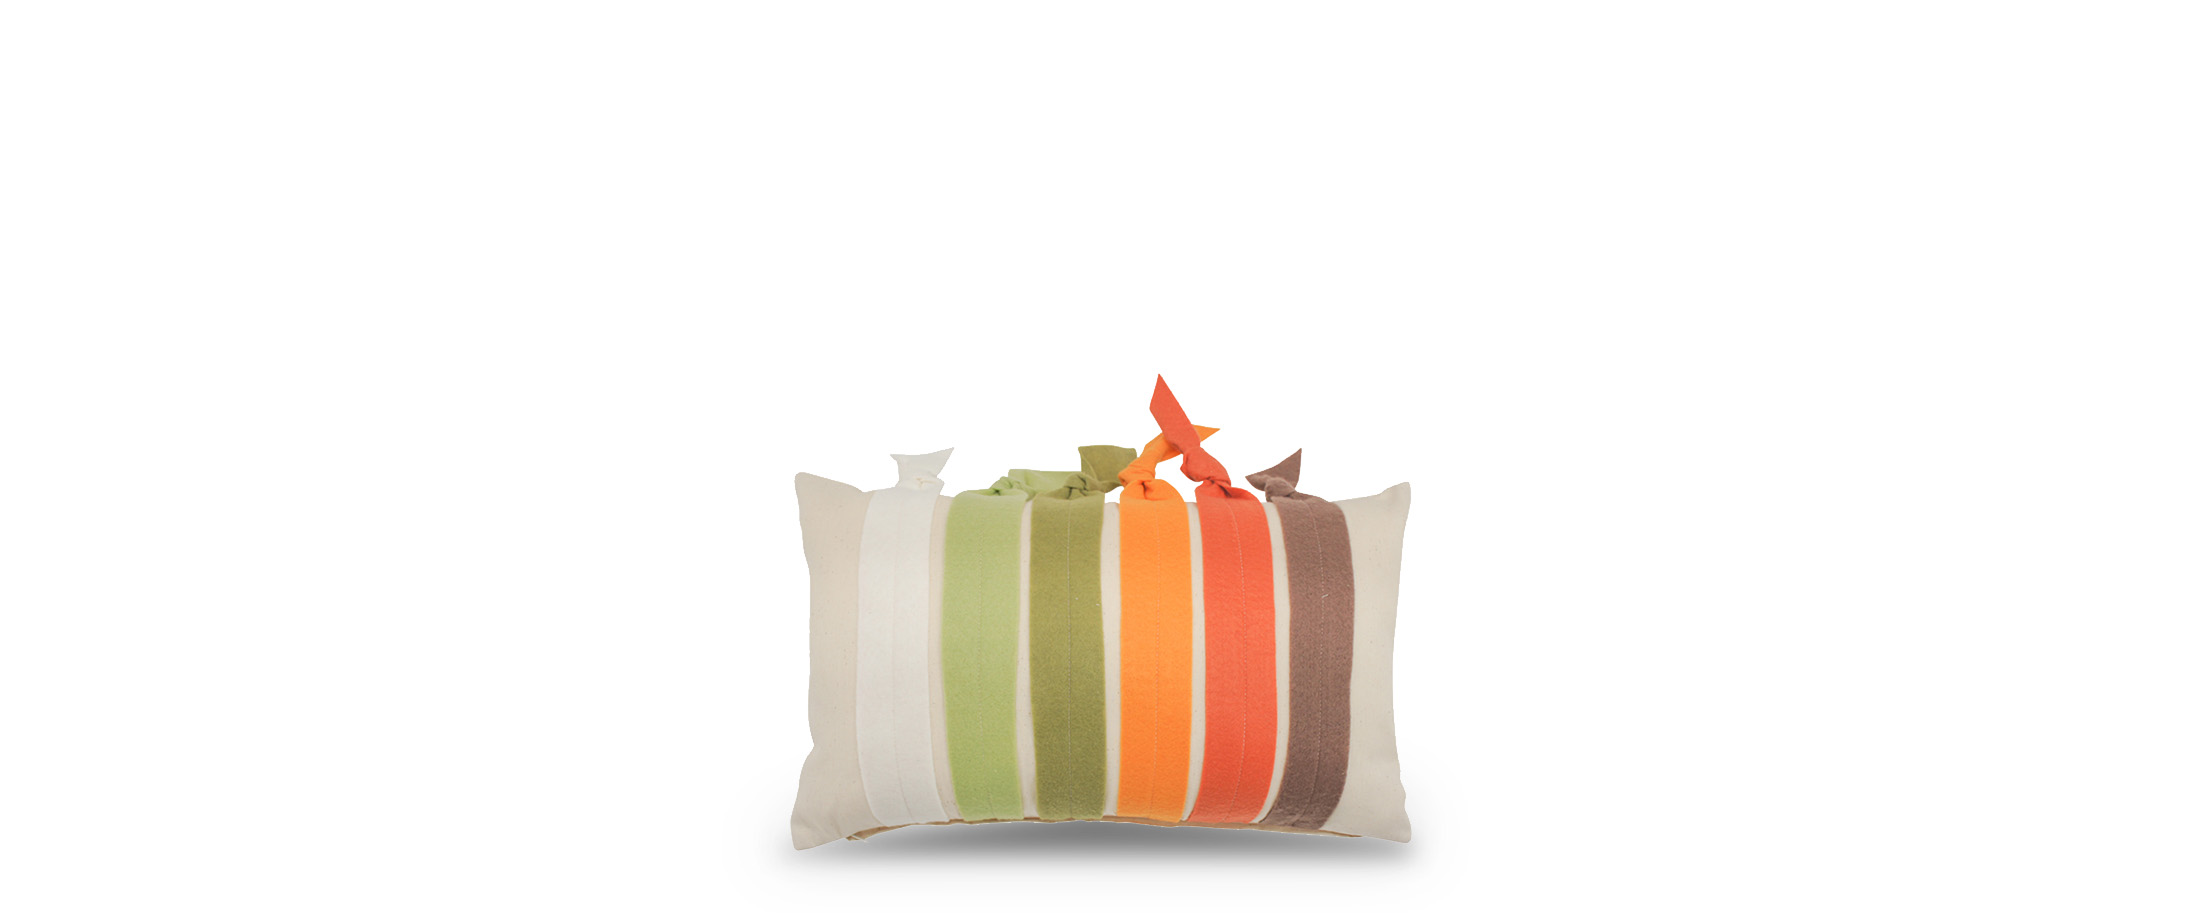 Подушка декоративная Хризантема 4010Подушка декоративная Хризантема 4010. Подушка изготовлена из натурального льна, обладающего уникальными характеристиками: экологичность, износостойкость, воздухопроницаемость, высокая теплопроводность, минимальная электризуемость.<br>